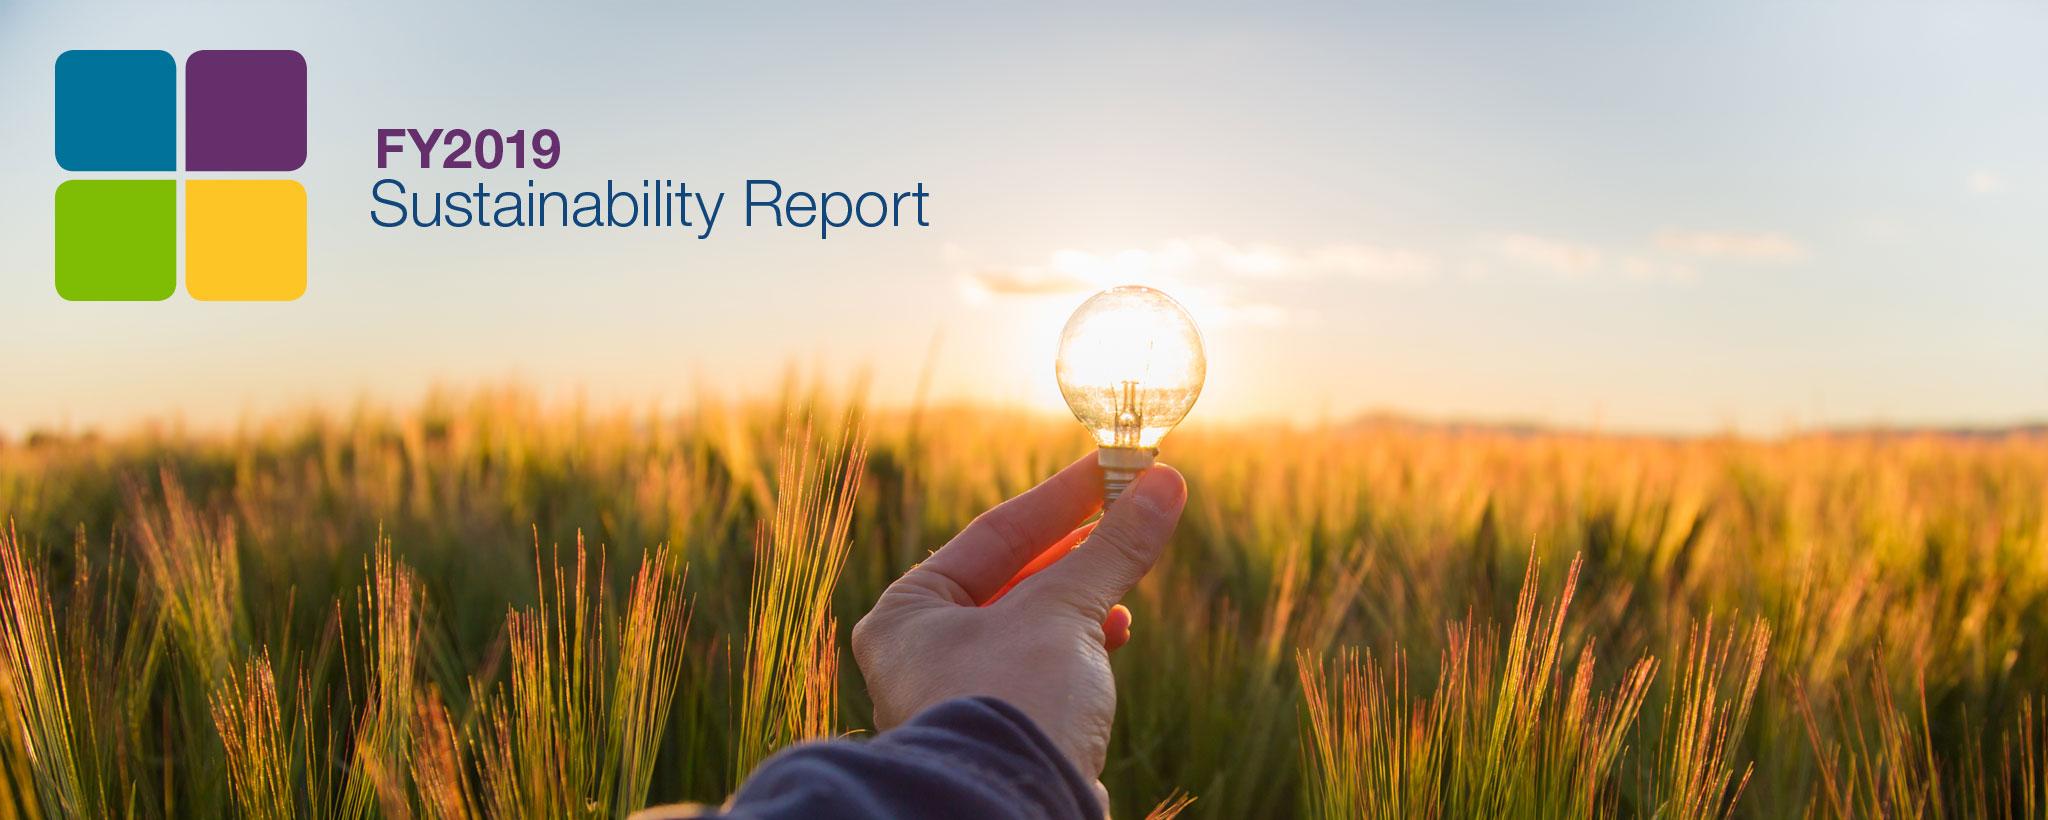 Sustainability report hero